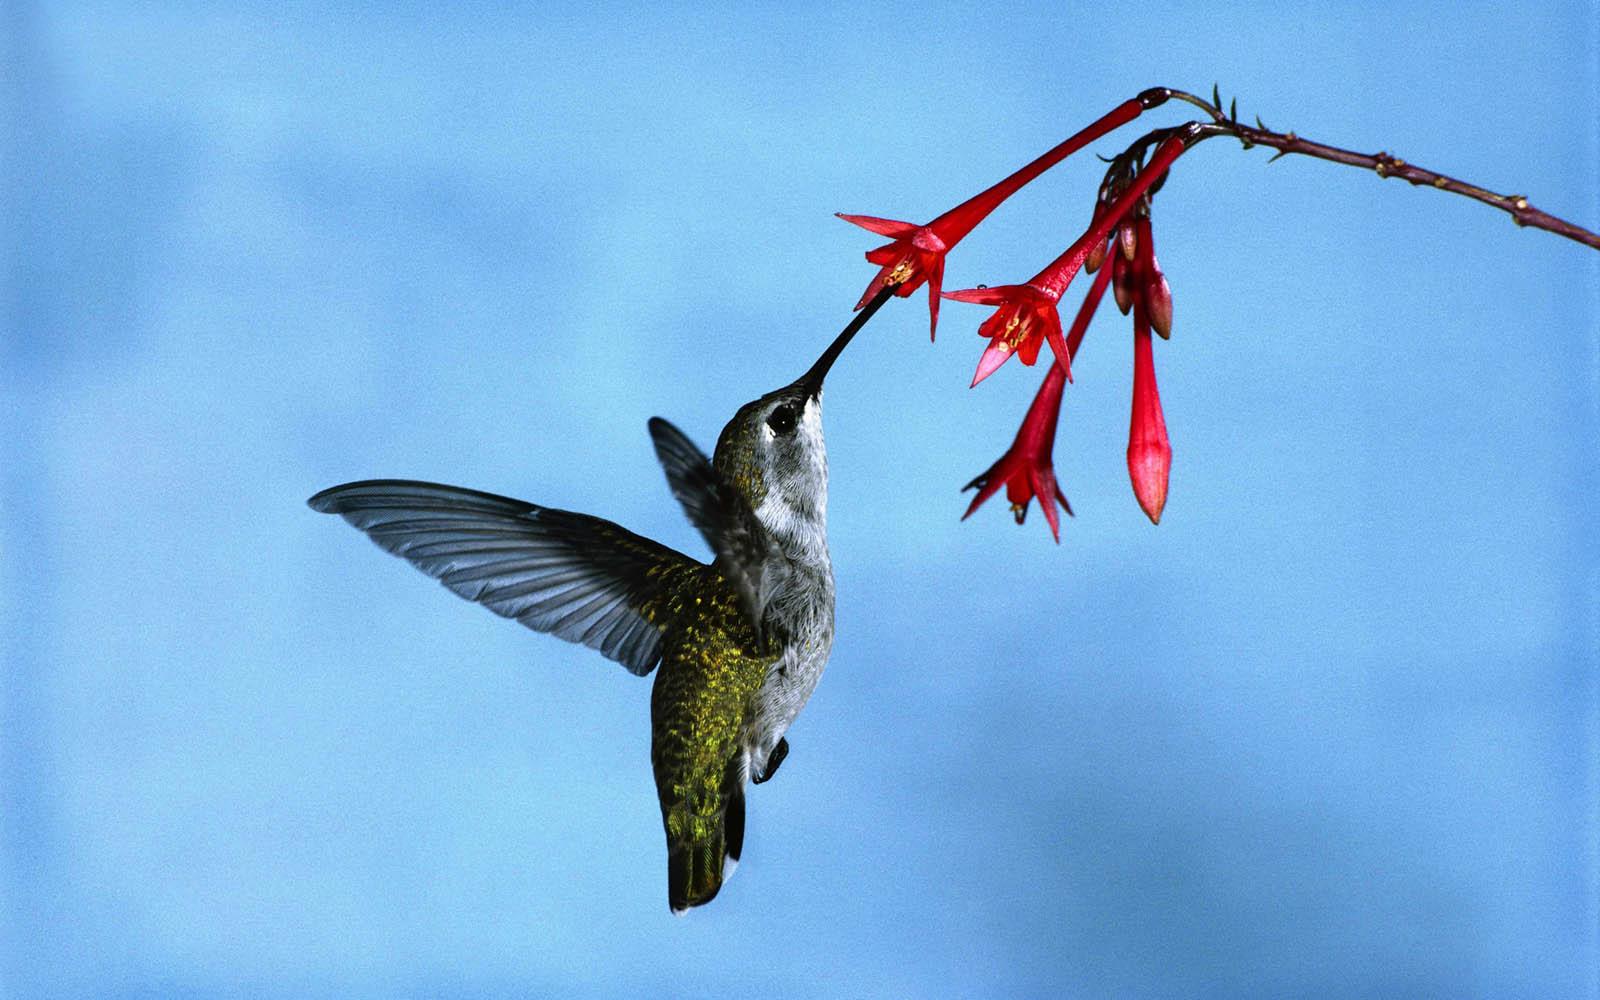 Hummingbird Art Wallpaper